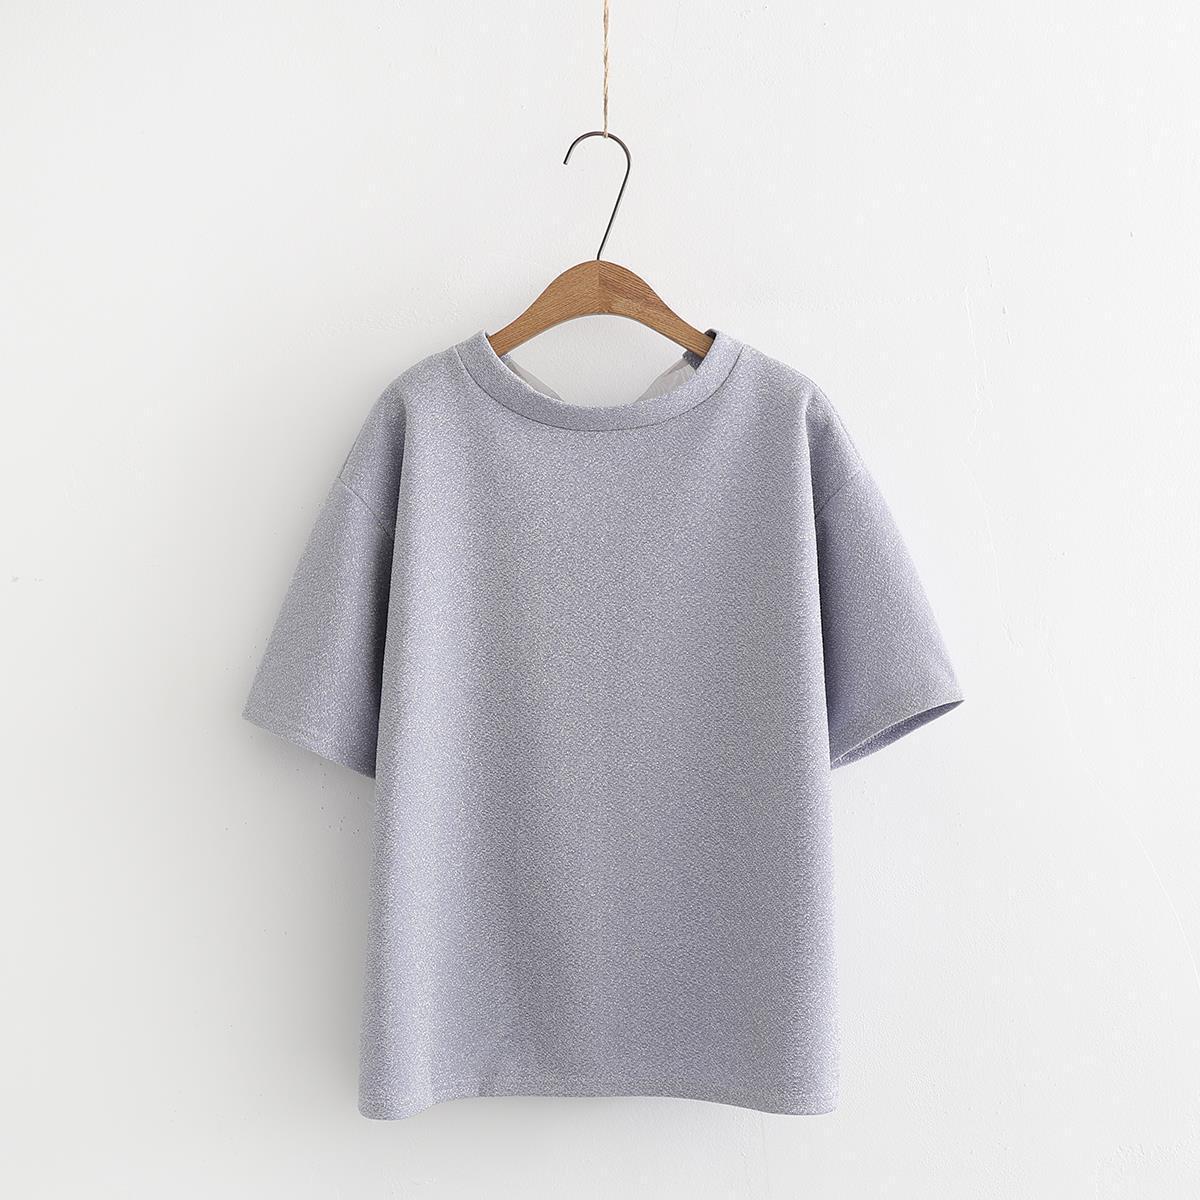 Nova camisa feminina t impressão algodão verão estilo feminino camiseta moda senhoras roupas engraçadas